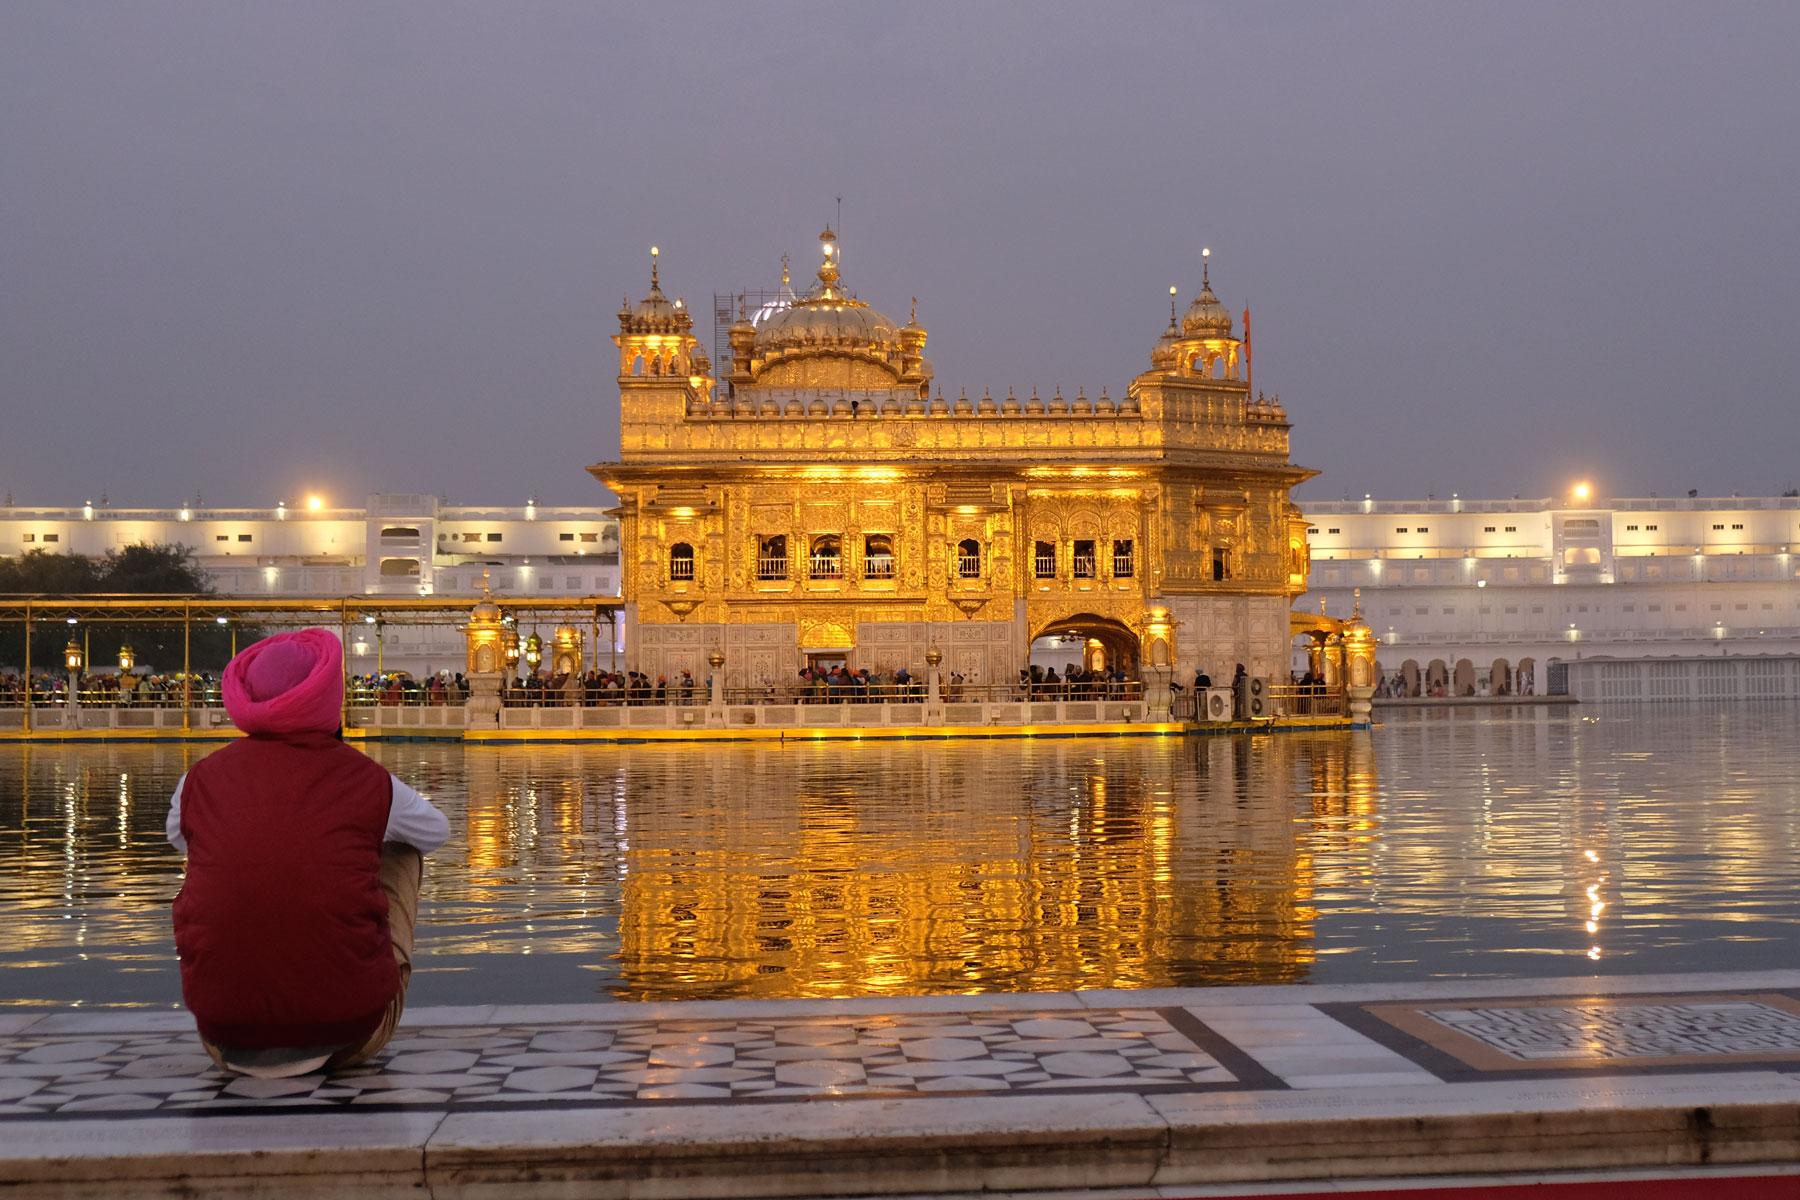 Der Sikh-Tempel ist über einen schmalen Steg zu erreichen und erstrahlt abends in goldenem Glanz